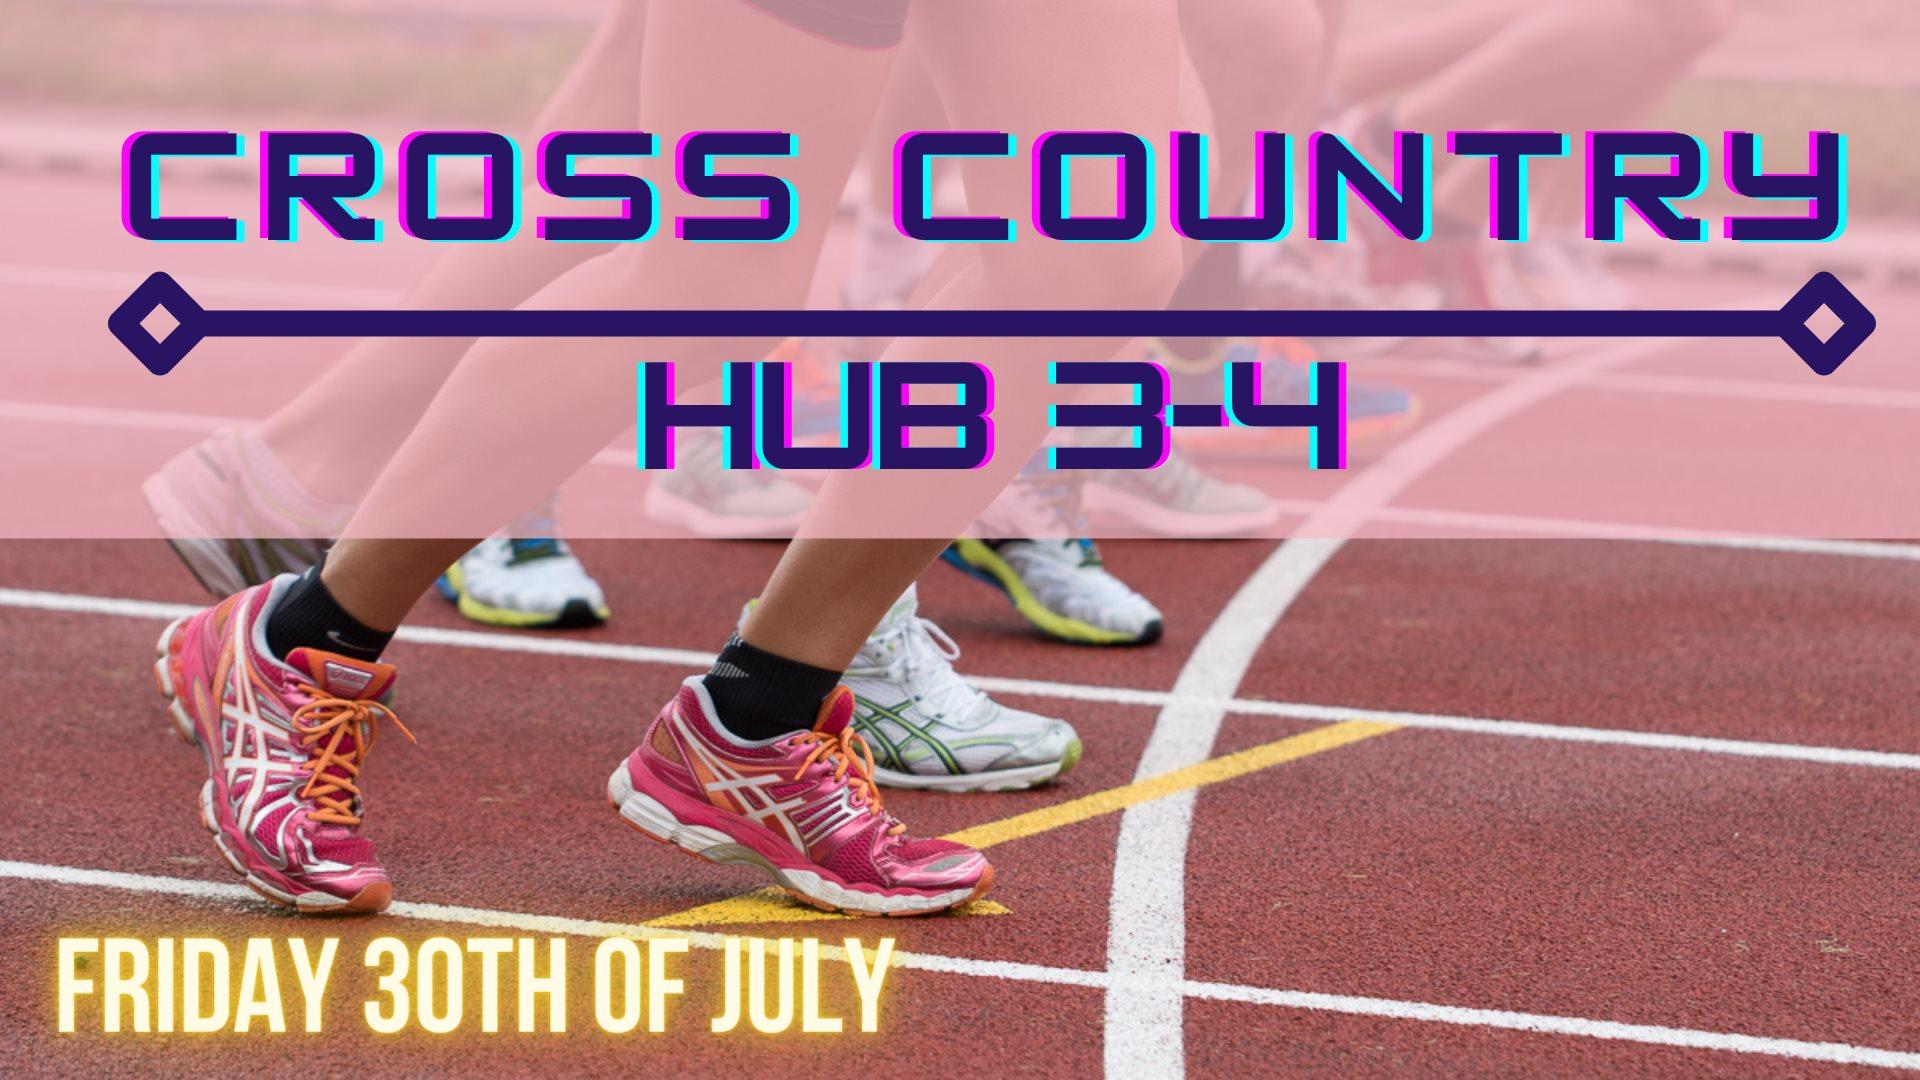 Cross Country Hub 3-4